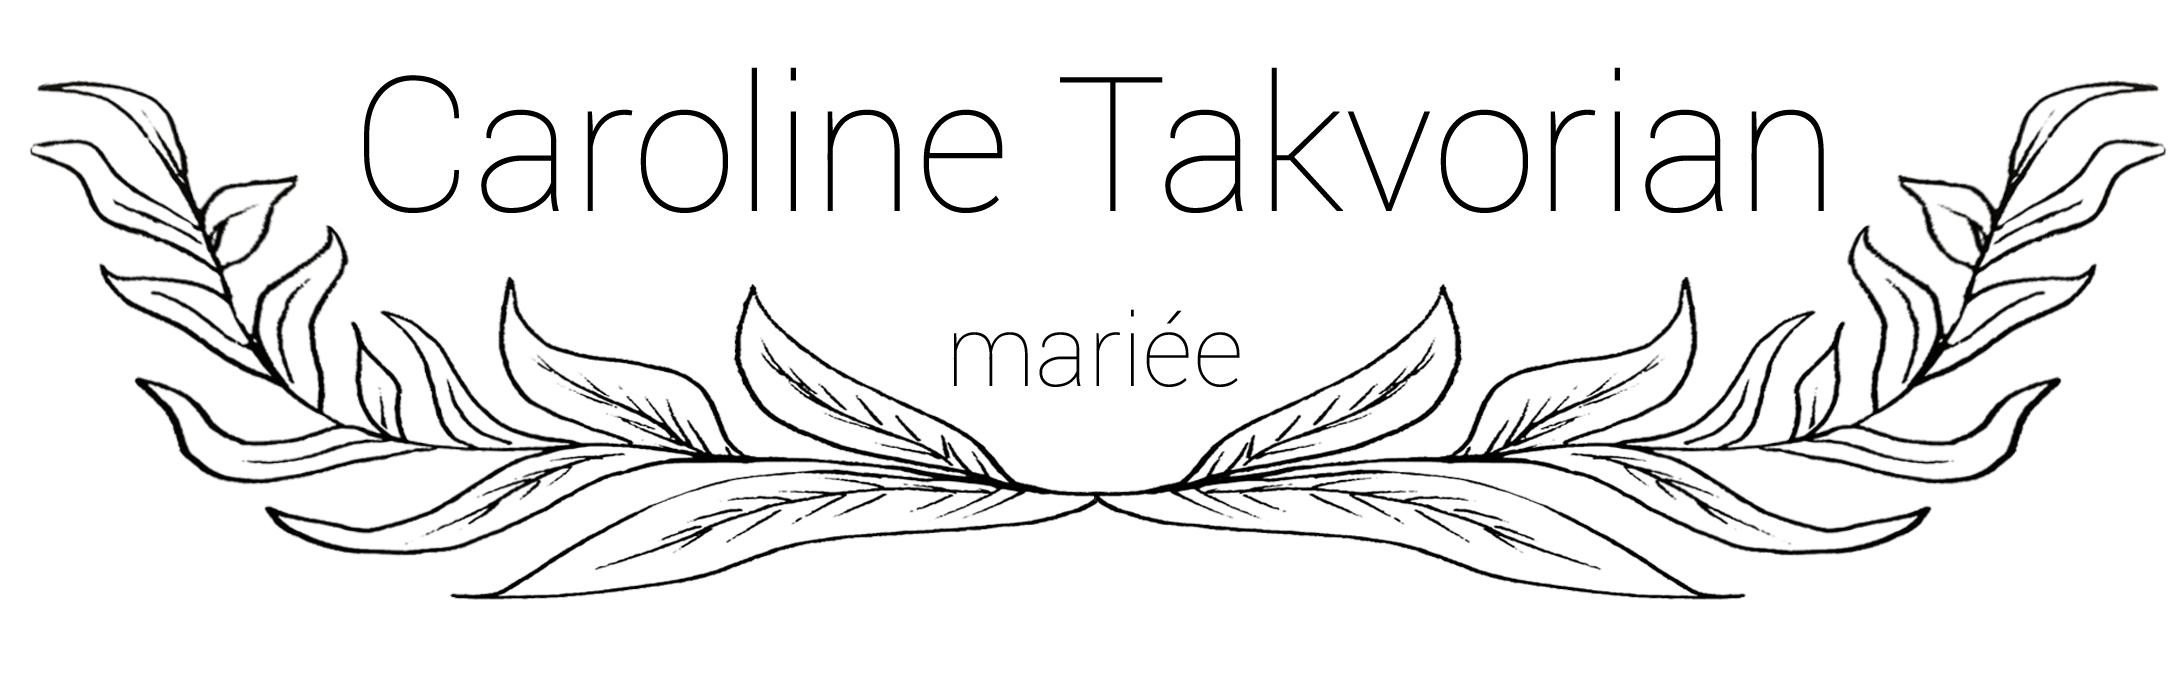 Un nouveau Logo pour Caroline Takvorian !